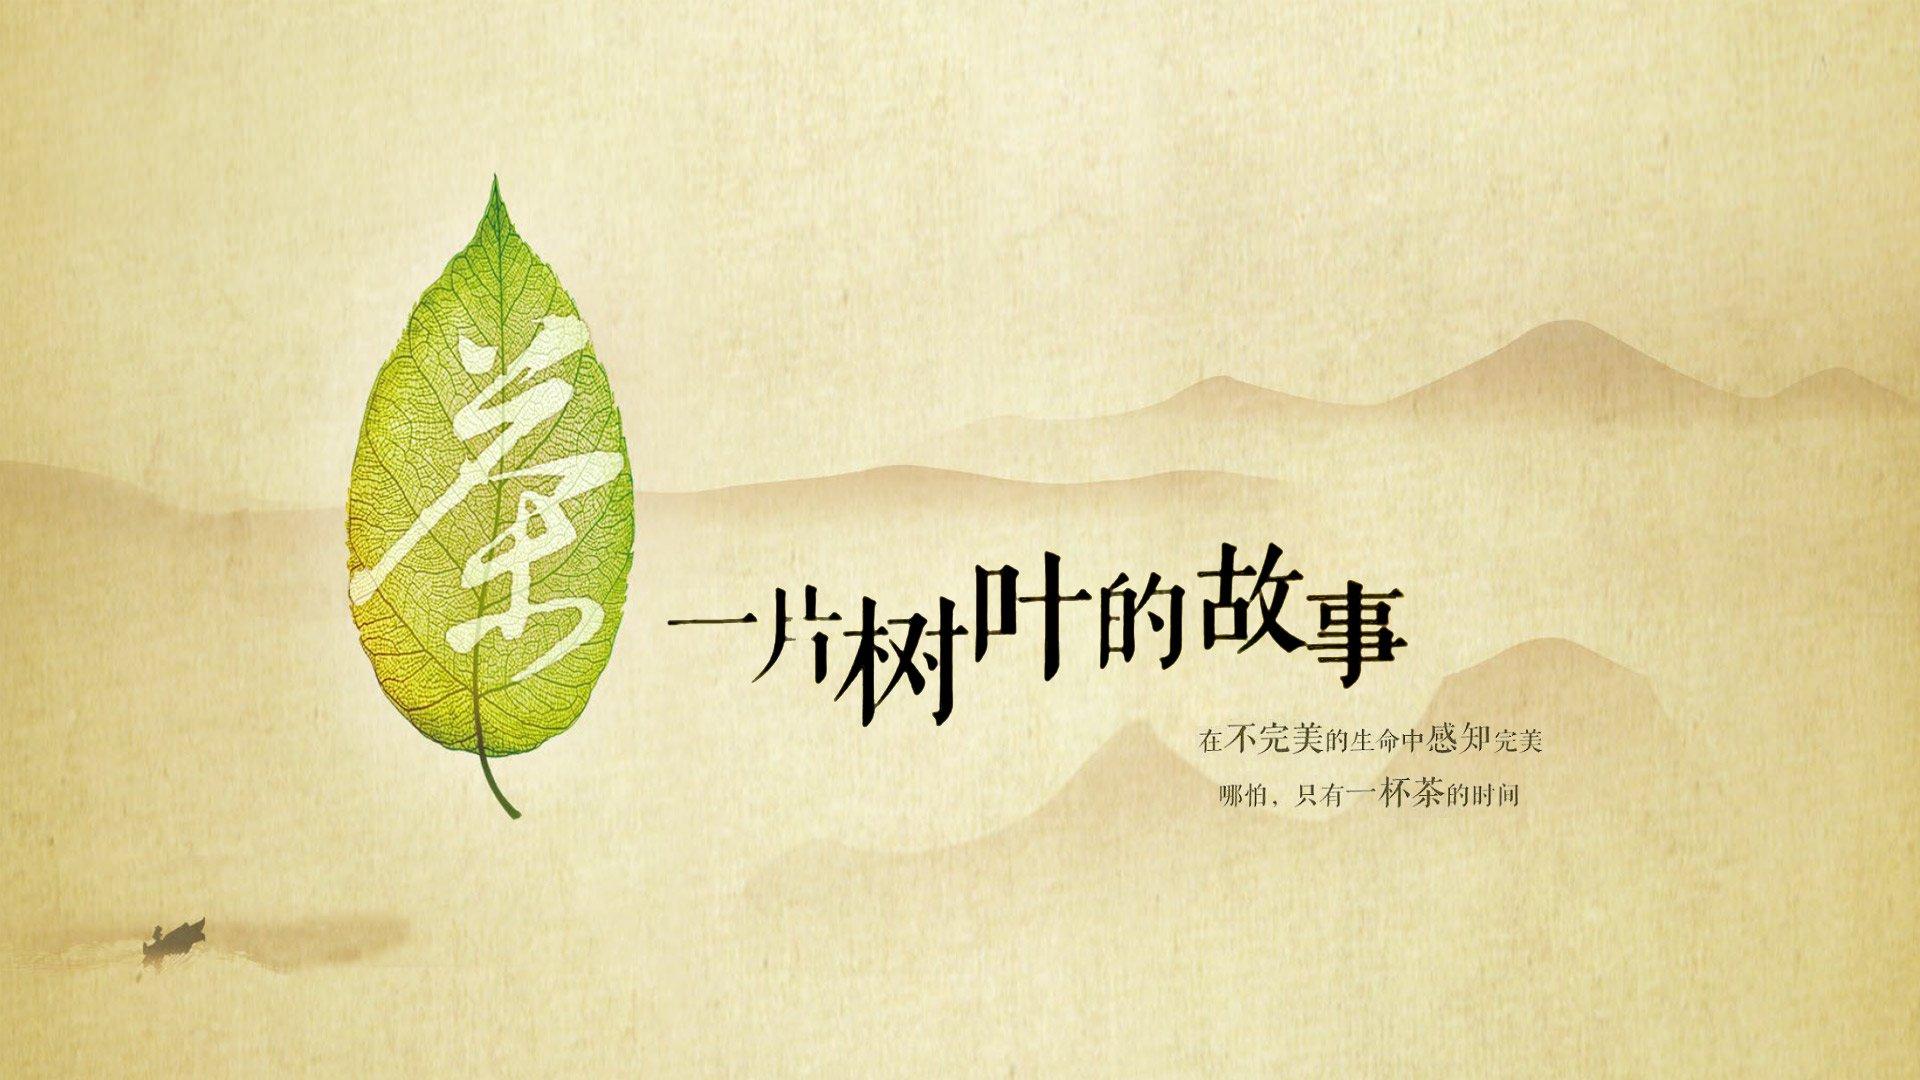 茶·一片树叶的故事